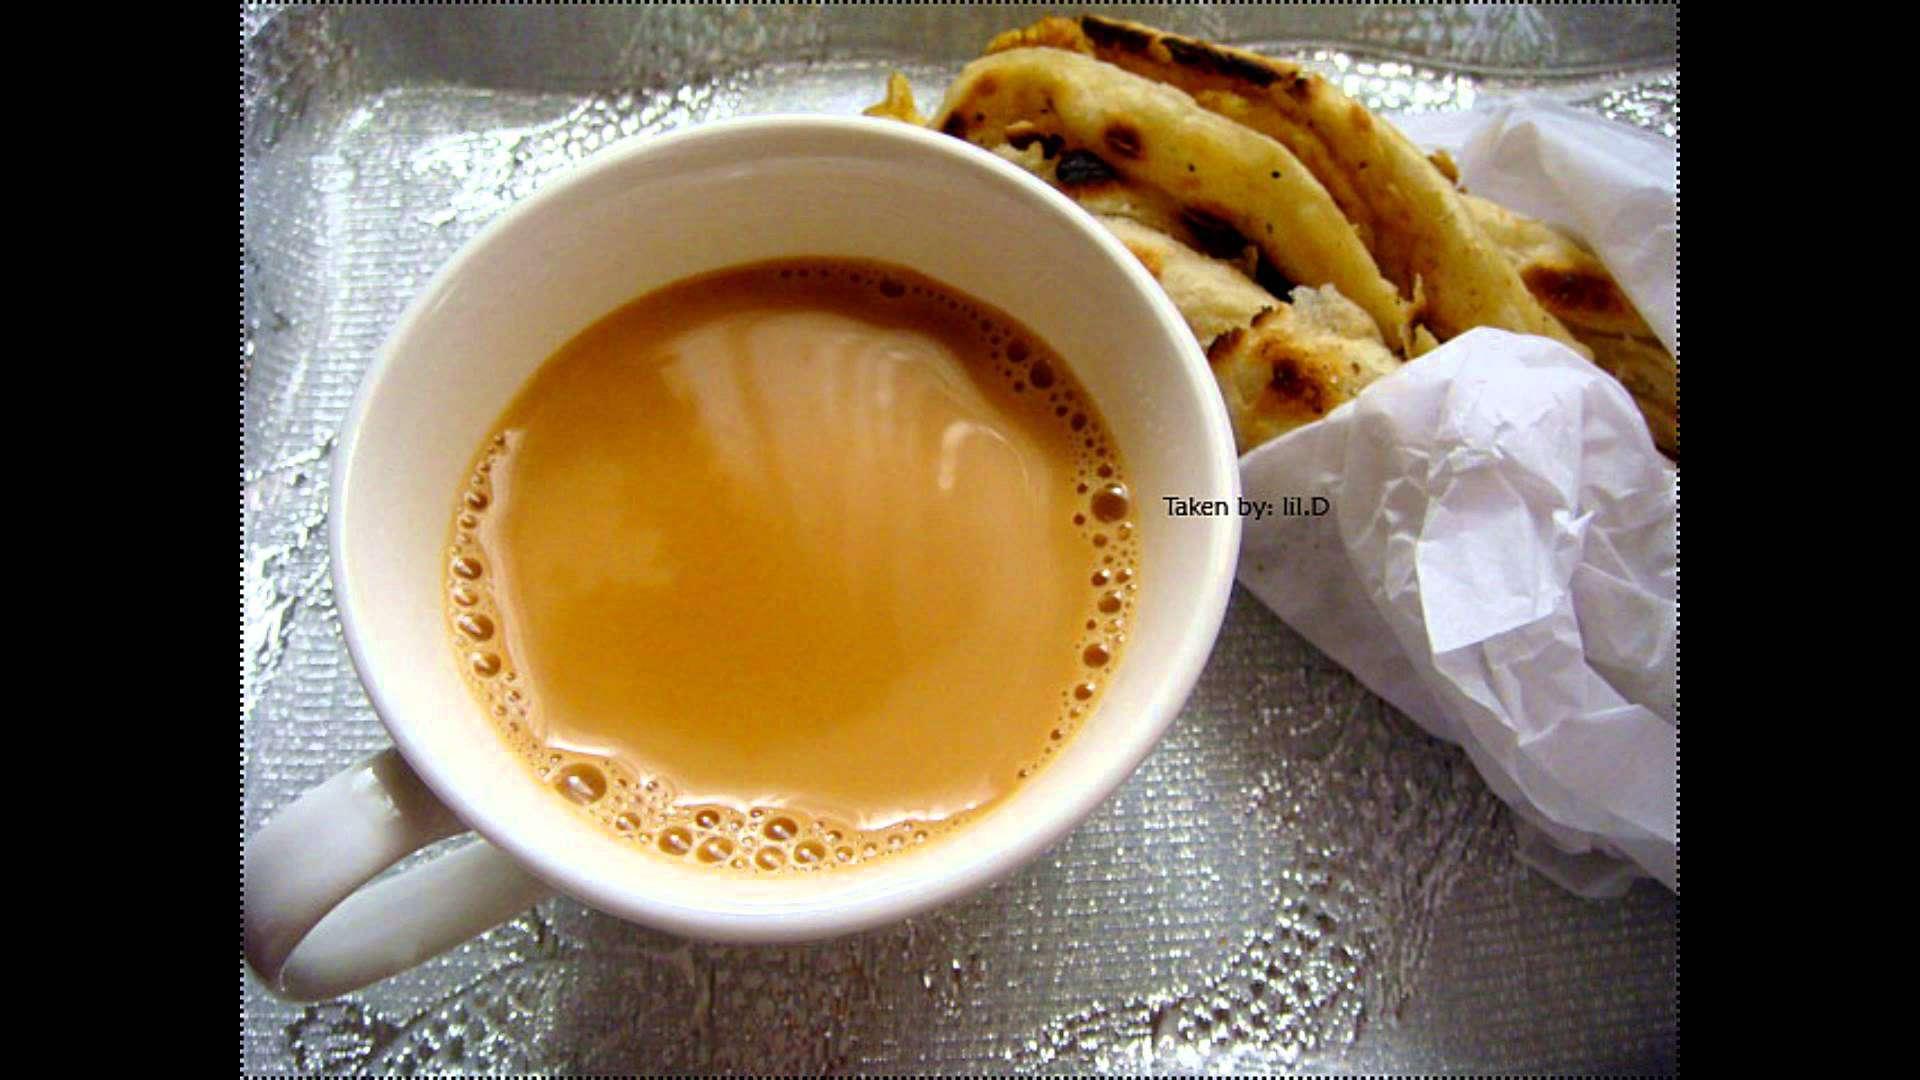 وصفة شاي الكرك الهندي بأكثر من طريقه لعمل كرك